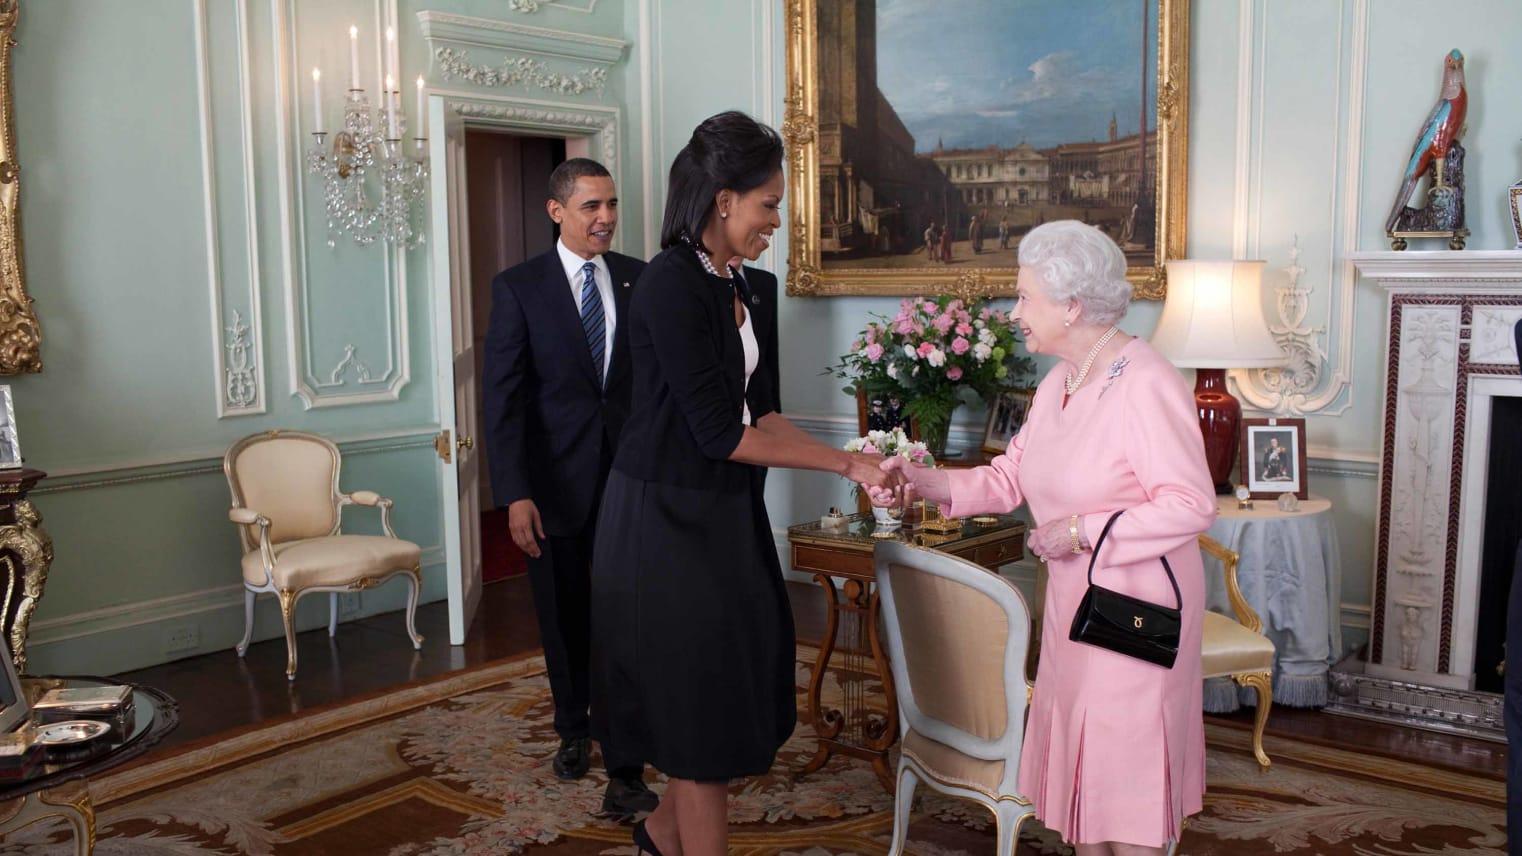 5 أسرار لم تكونوا تعرفونها عن الملكة..ترويها مصممة ثيابها